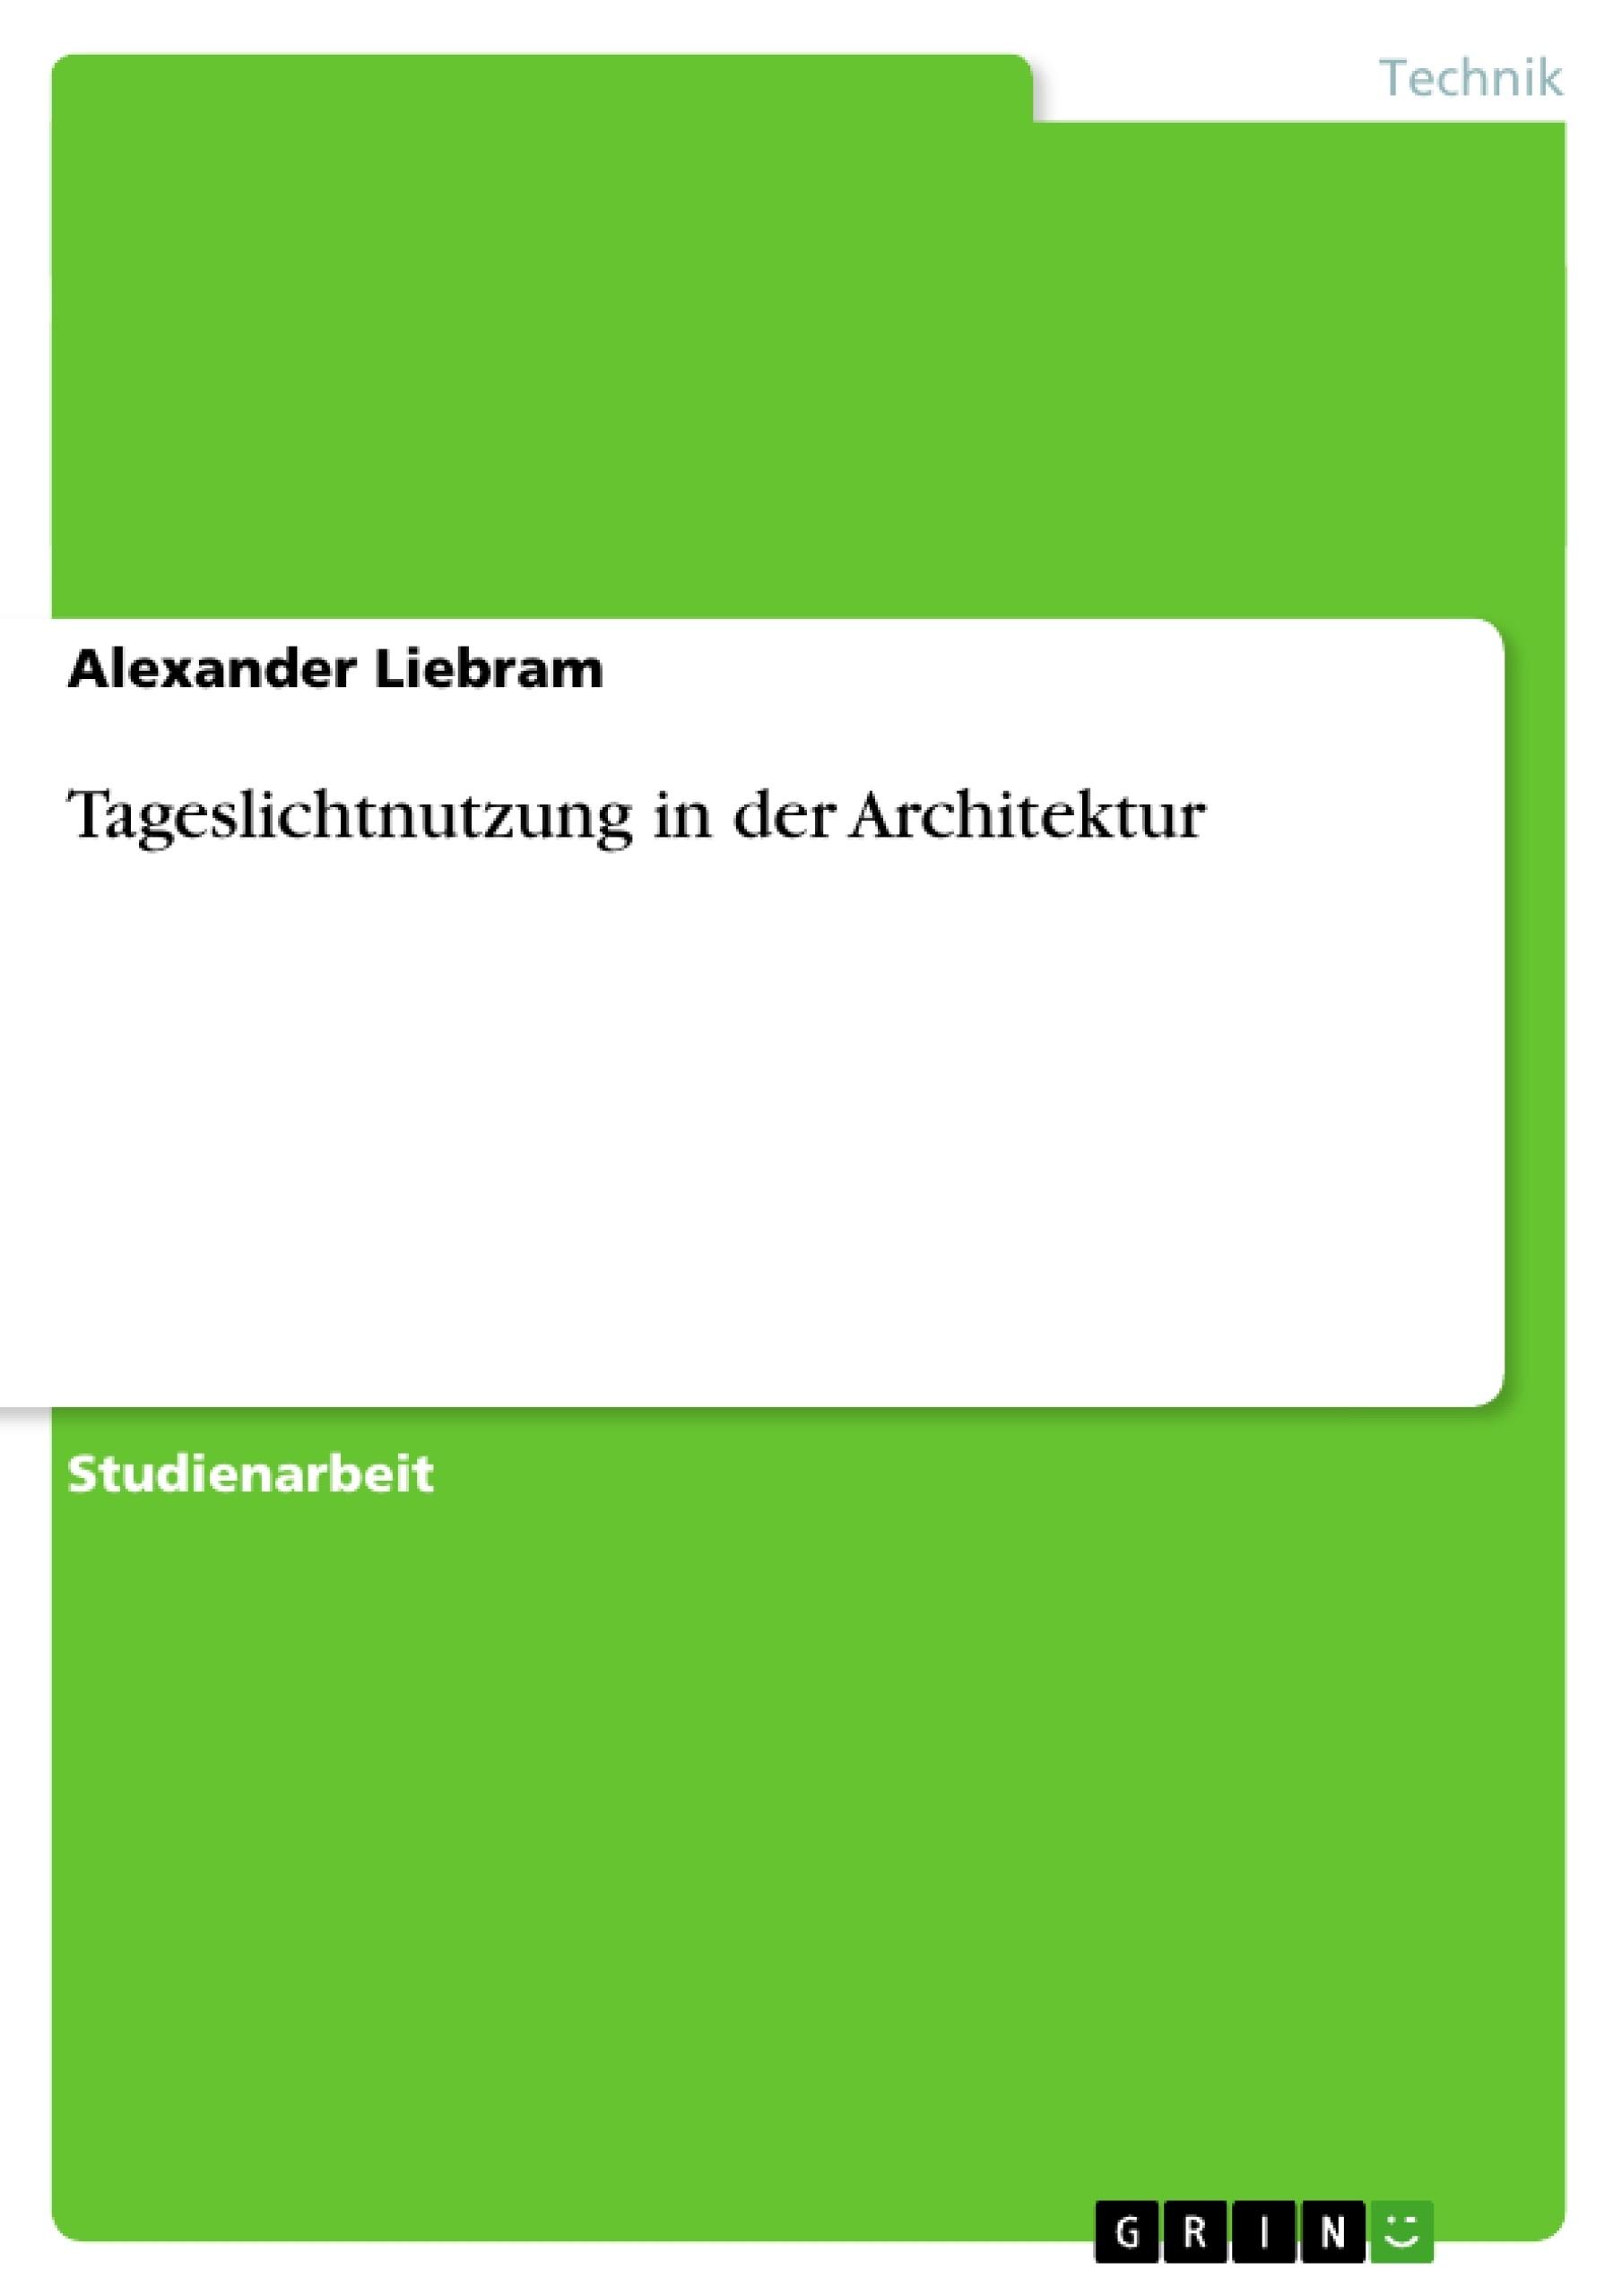 Tageslichtnutzung in der architektur masterarbeit for Masterarbeit architektur